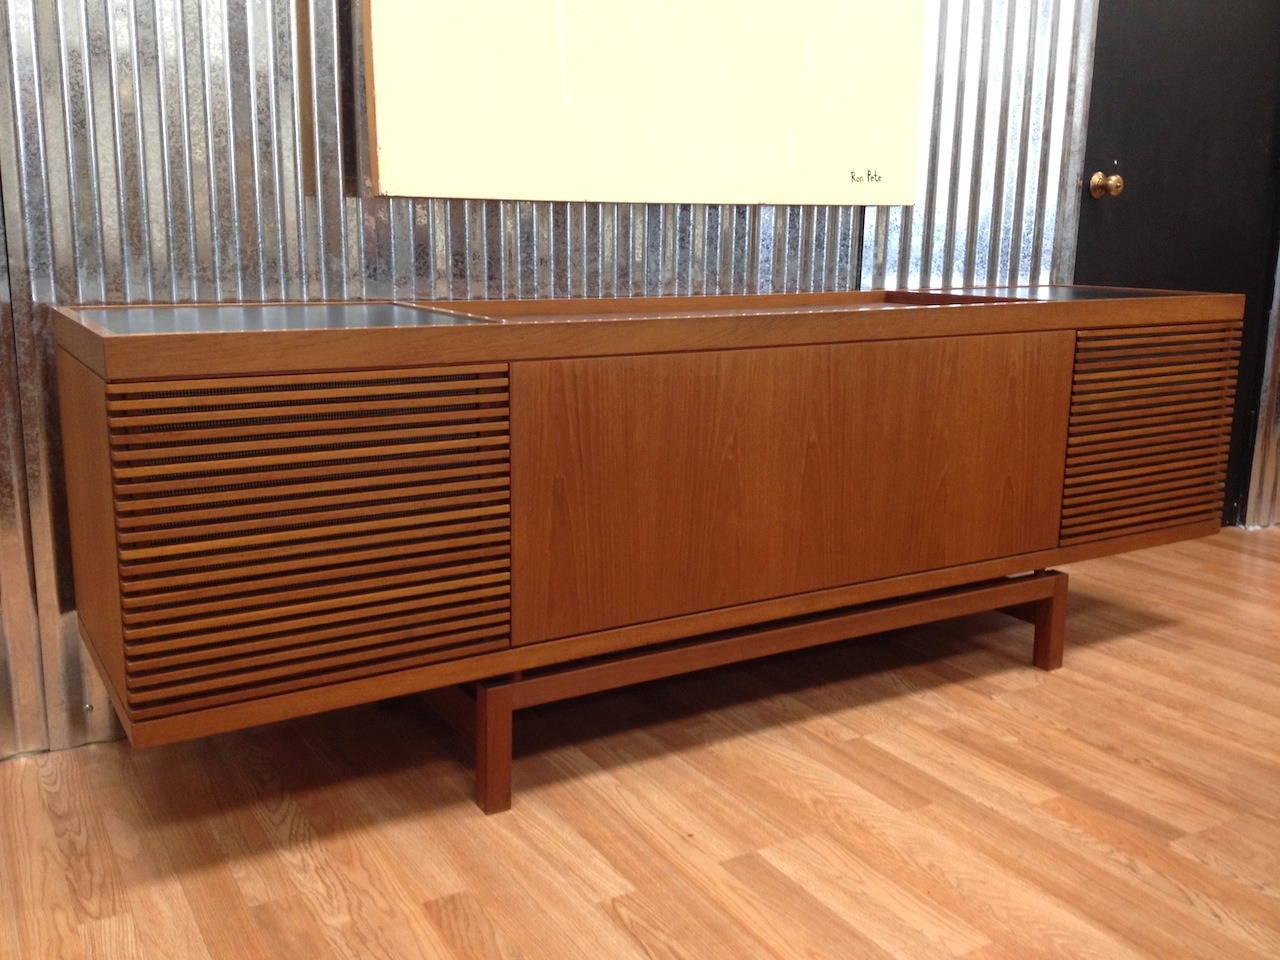 Slatted Room Divider Vintage Danish Modern Teak Stereo Media Cabinet Credenza